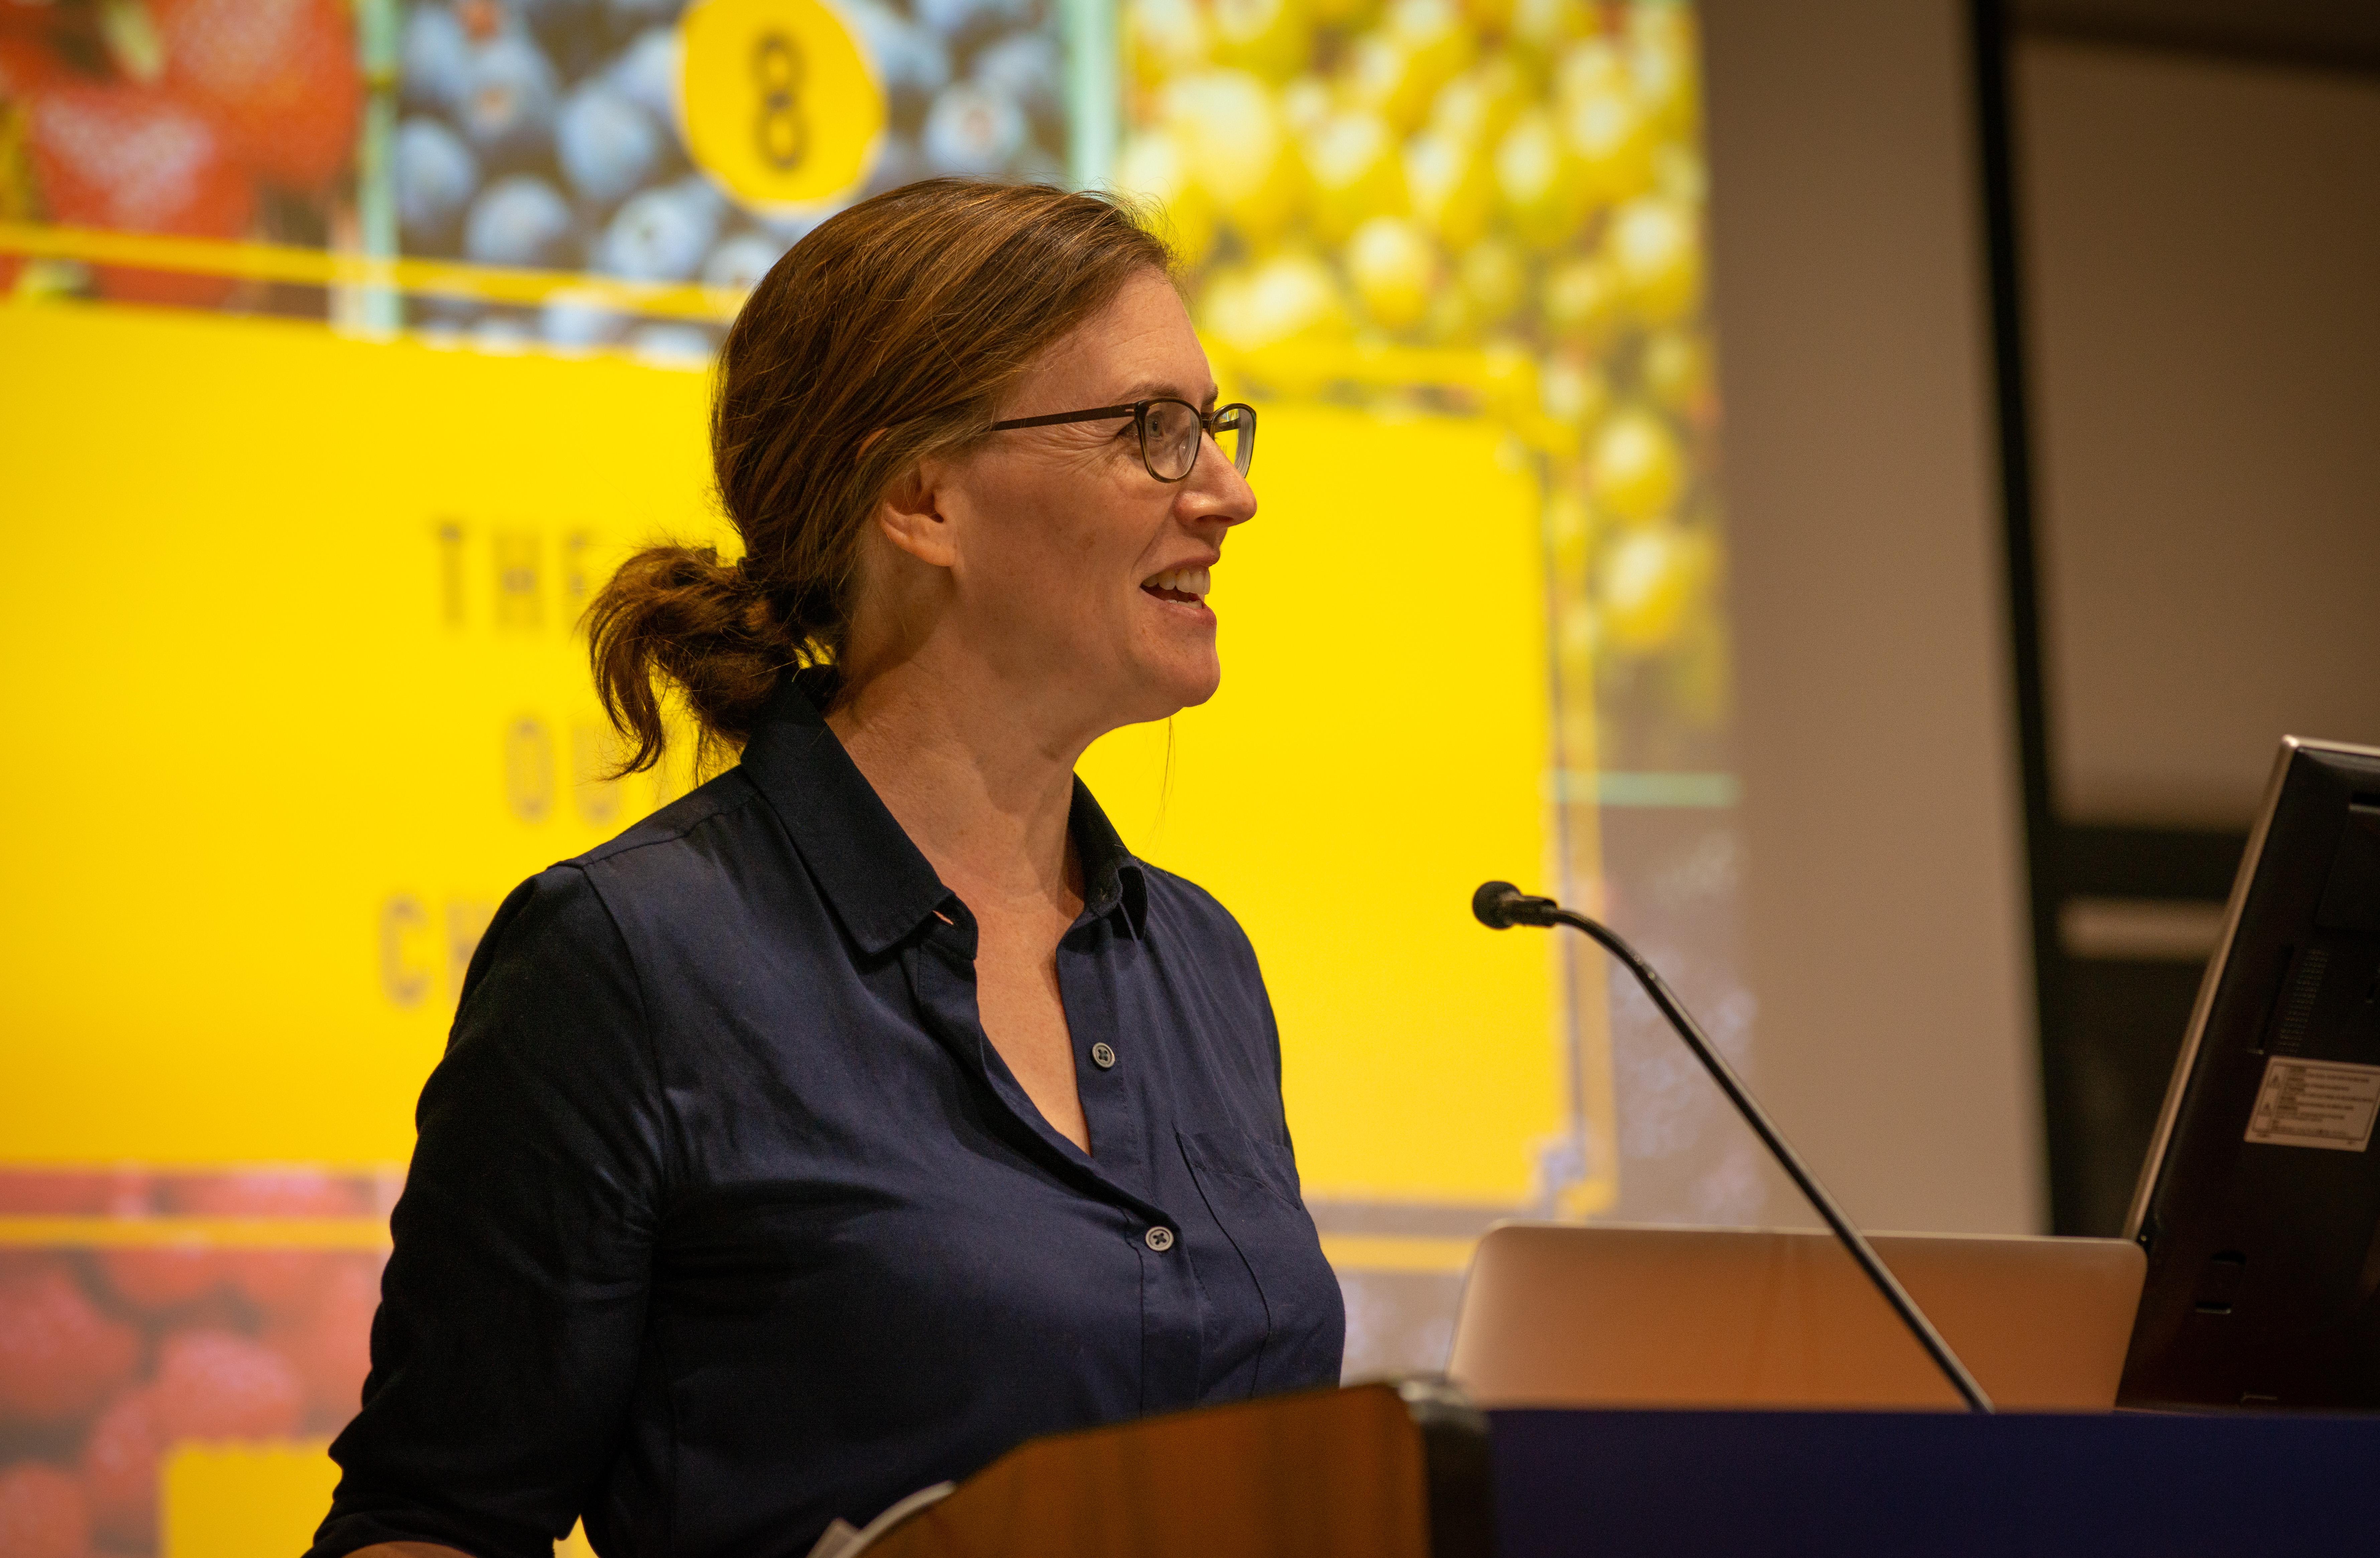 Image of Rebekah Modrak from Wikidata